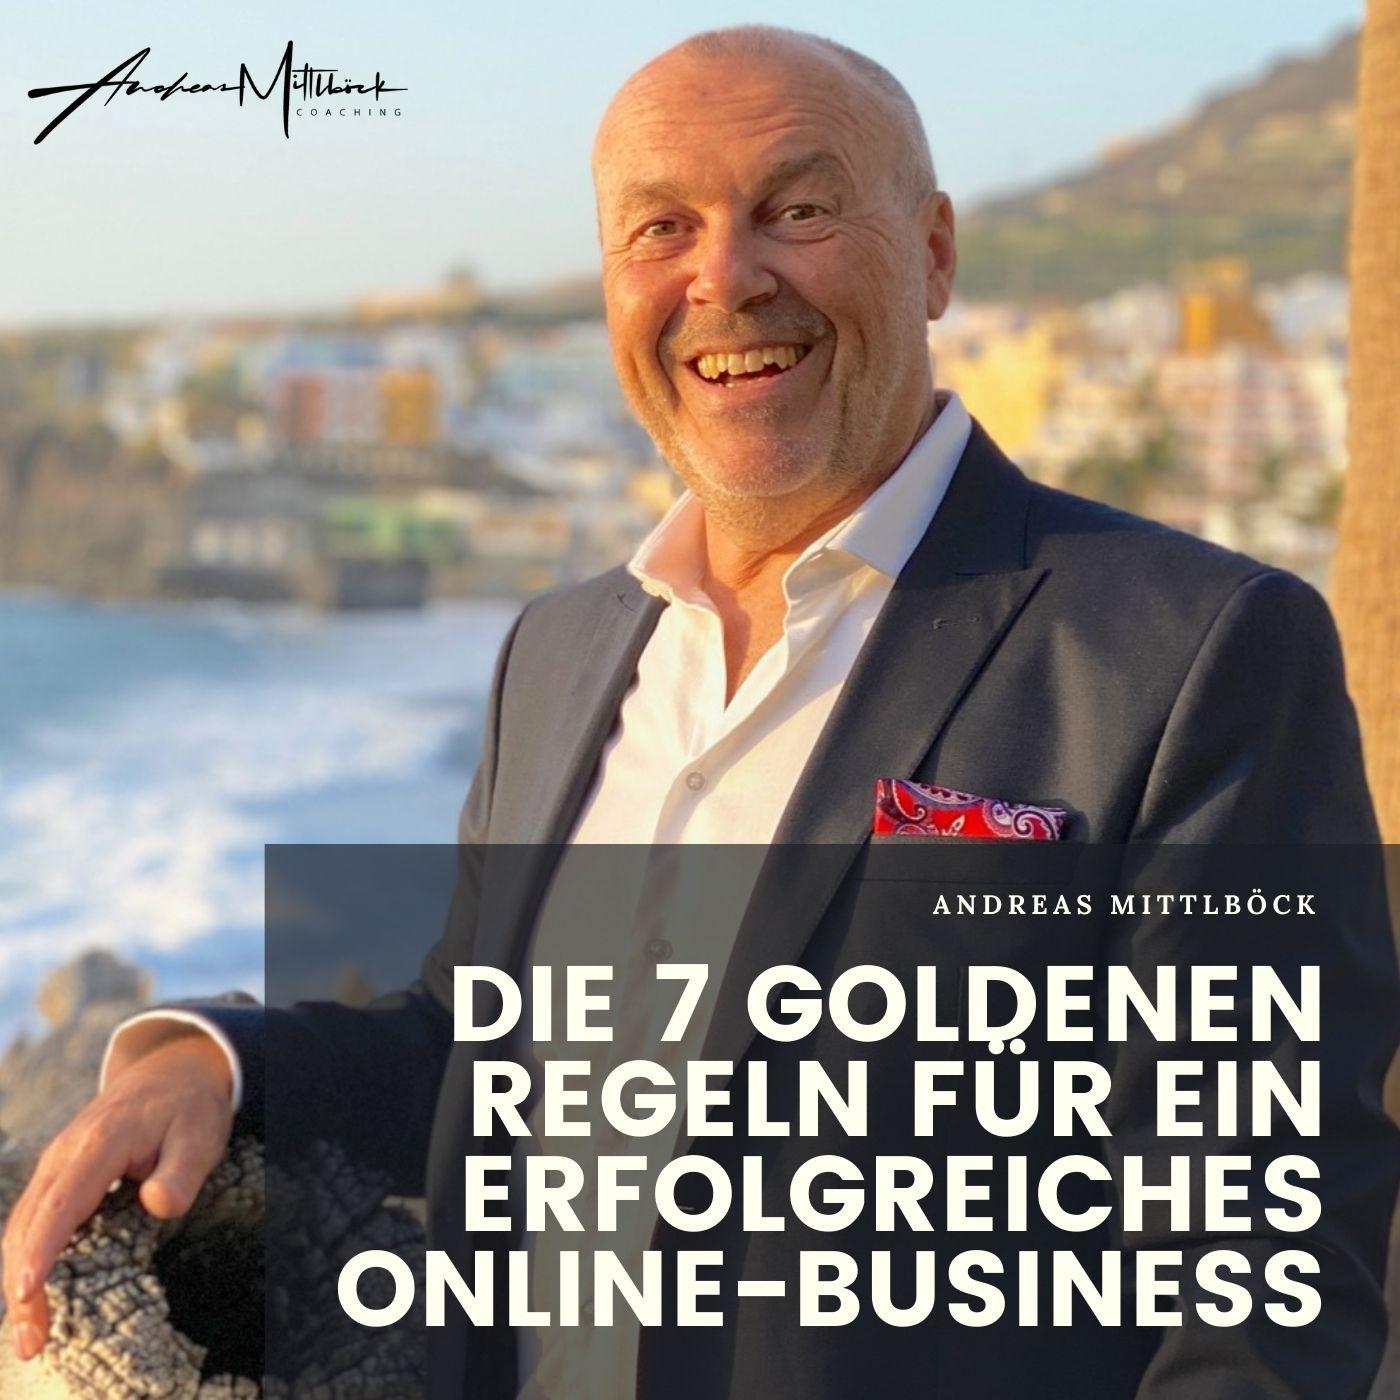 Die 7 goldenen Regeln fuer ein erfolgreiches online-Business